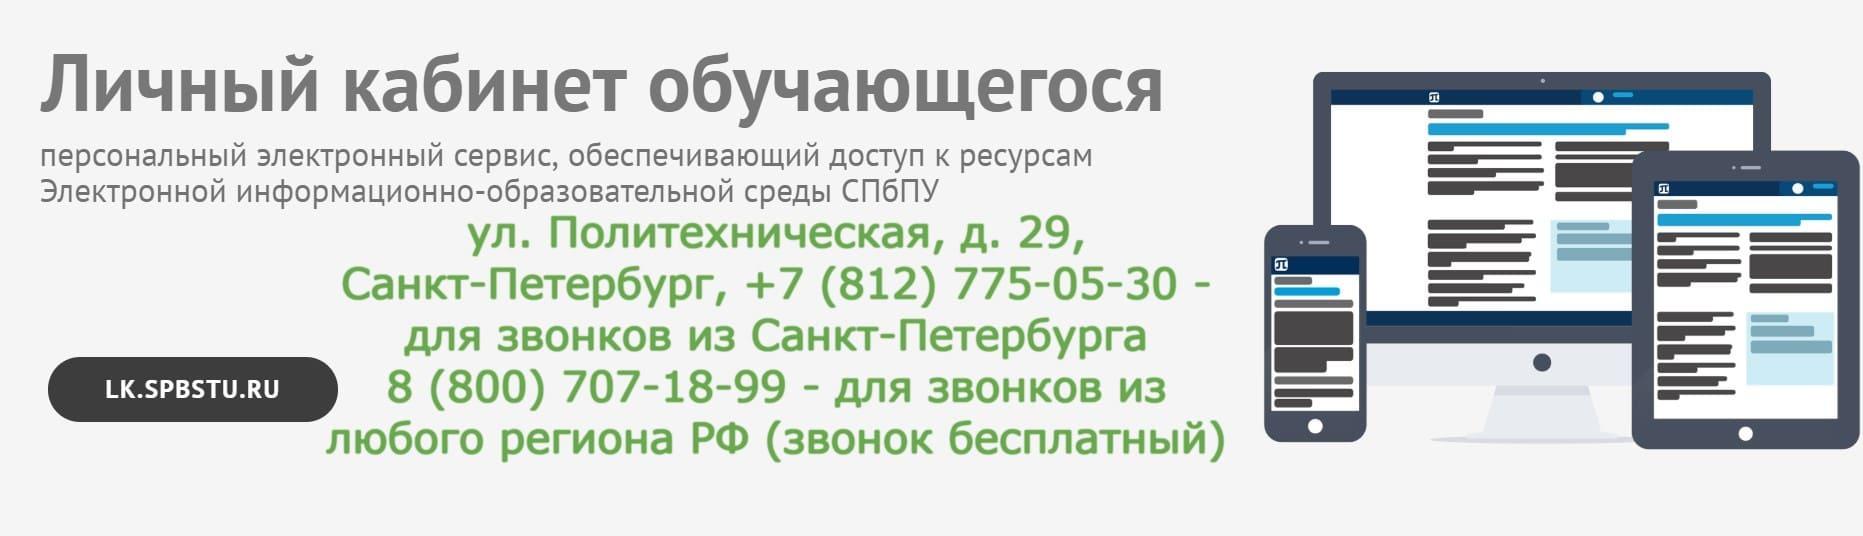 СПбГПУ личный кабинет